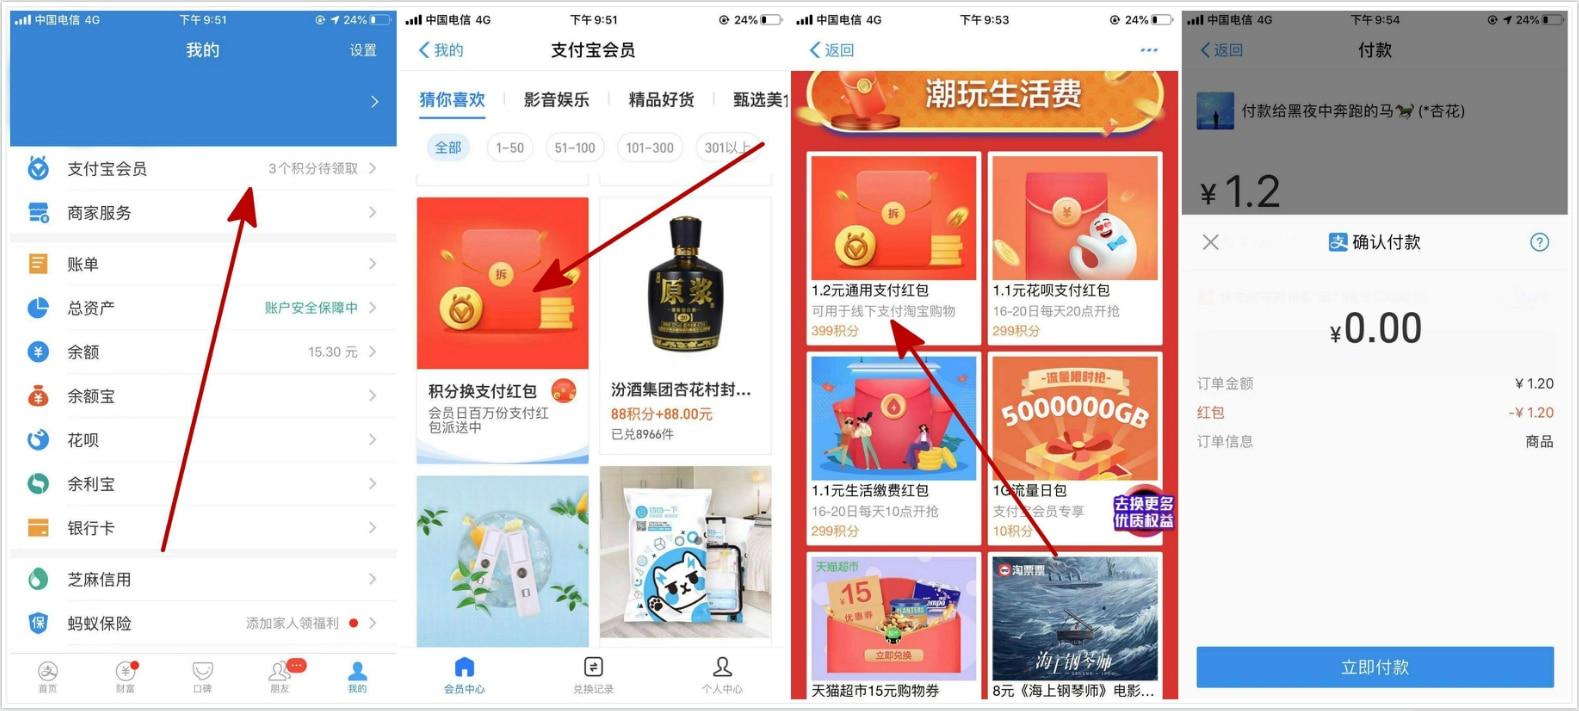 支付宝积分兑换1.2元红包_玩赚领域www.playzuan.com